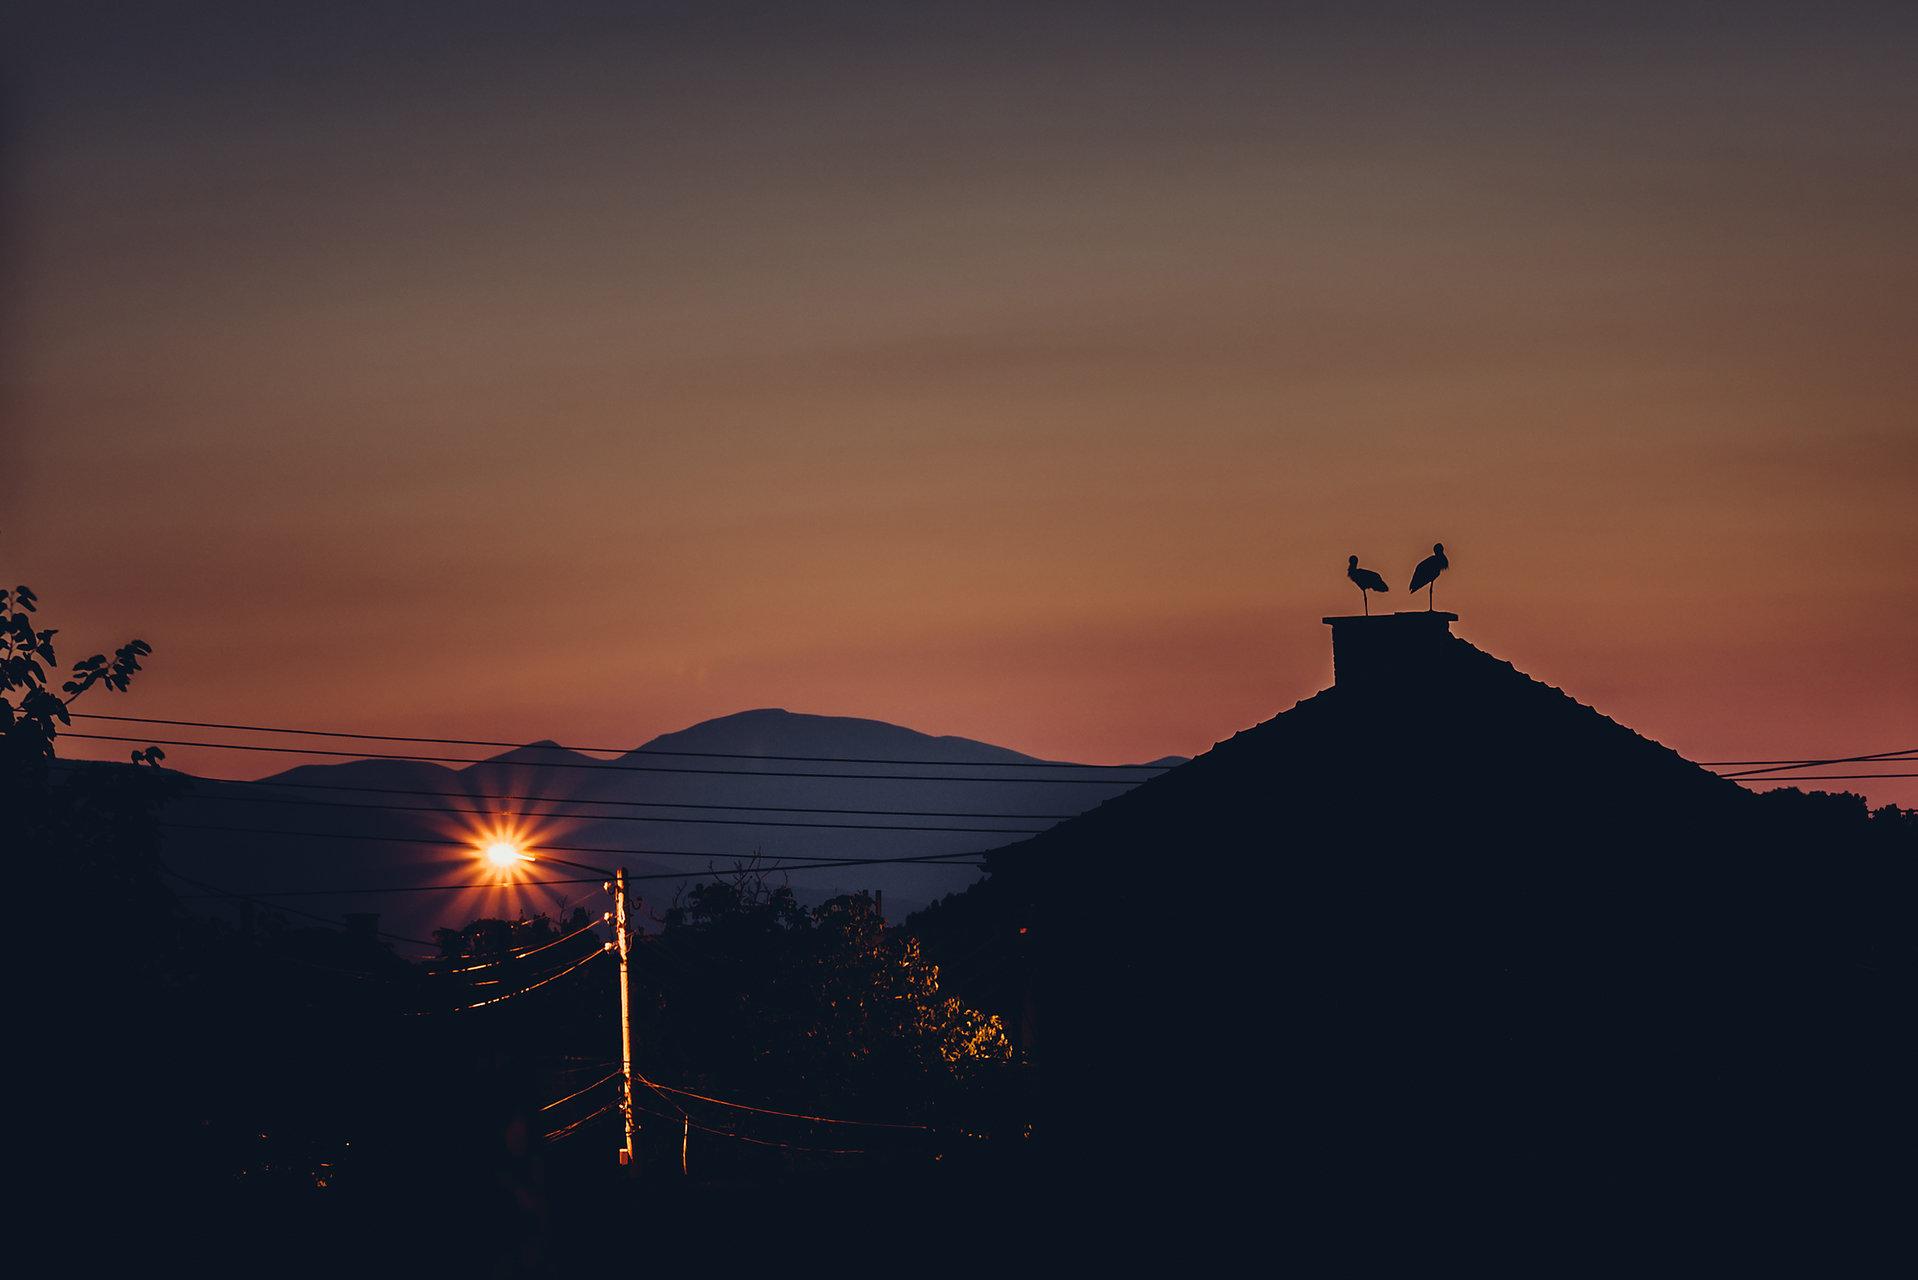 Един по-различен поглед към Белмекен от NEW IMAGE - eyes_on_you